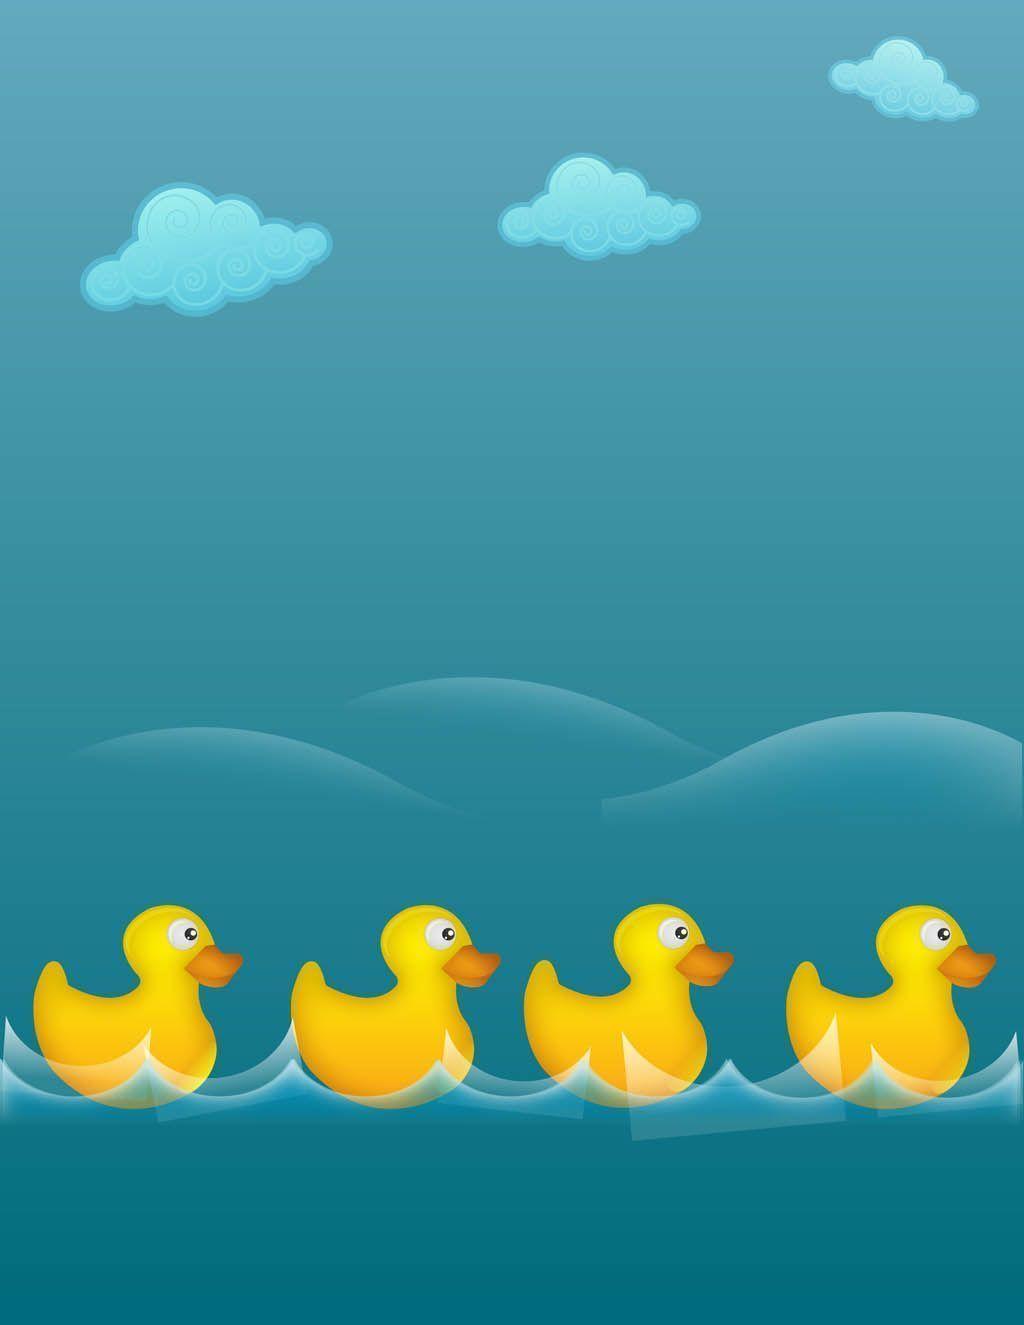 rubber duck wallpaper - photo #11